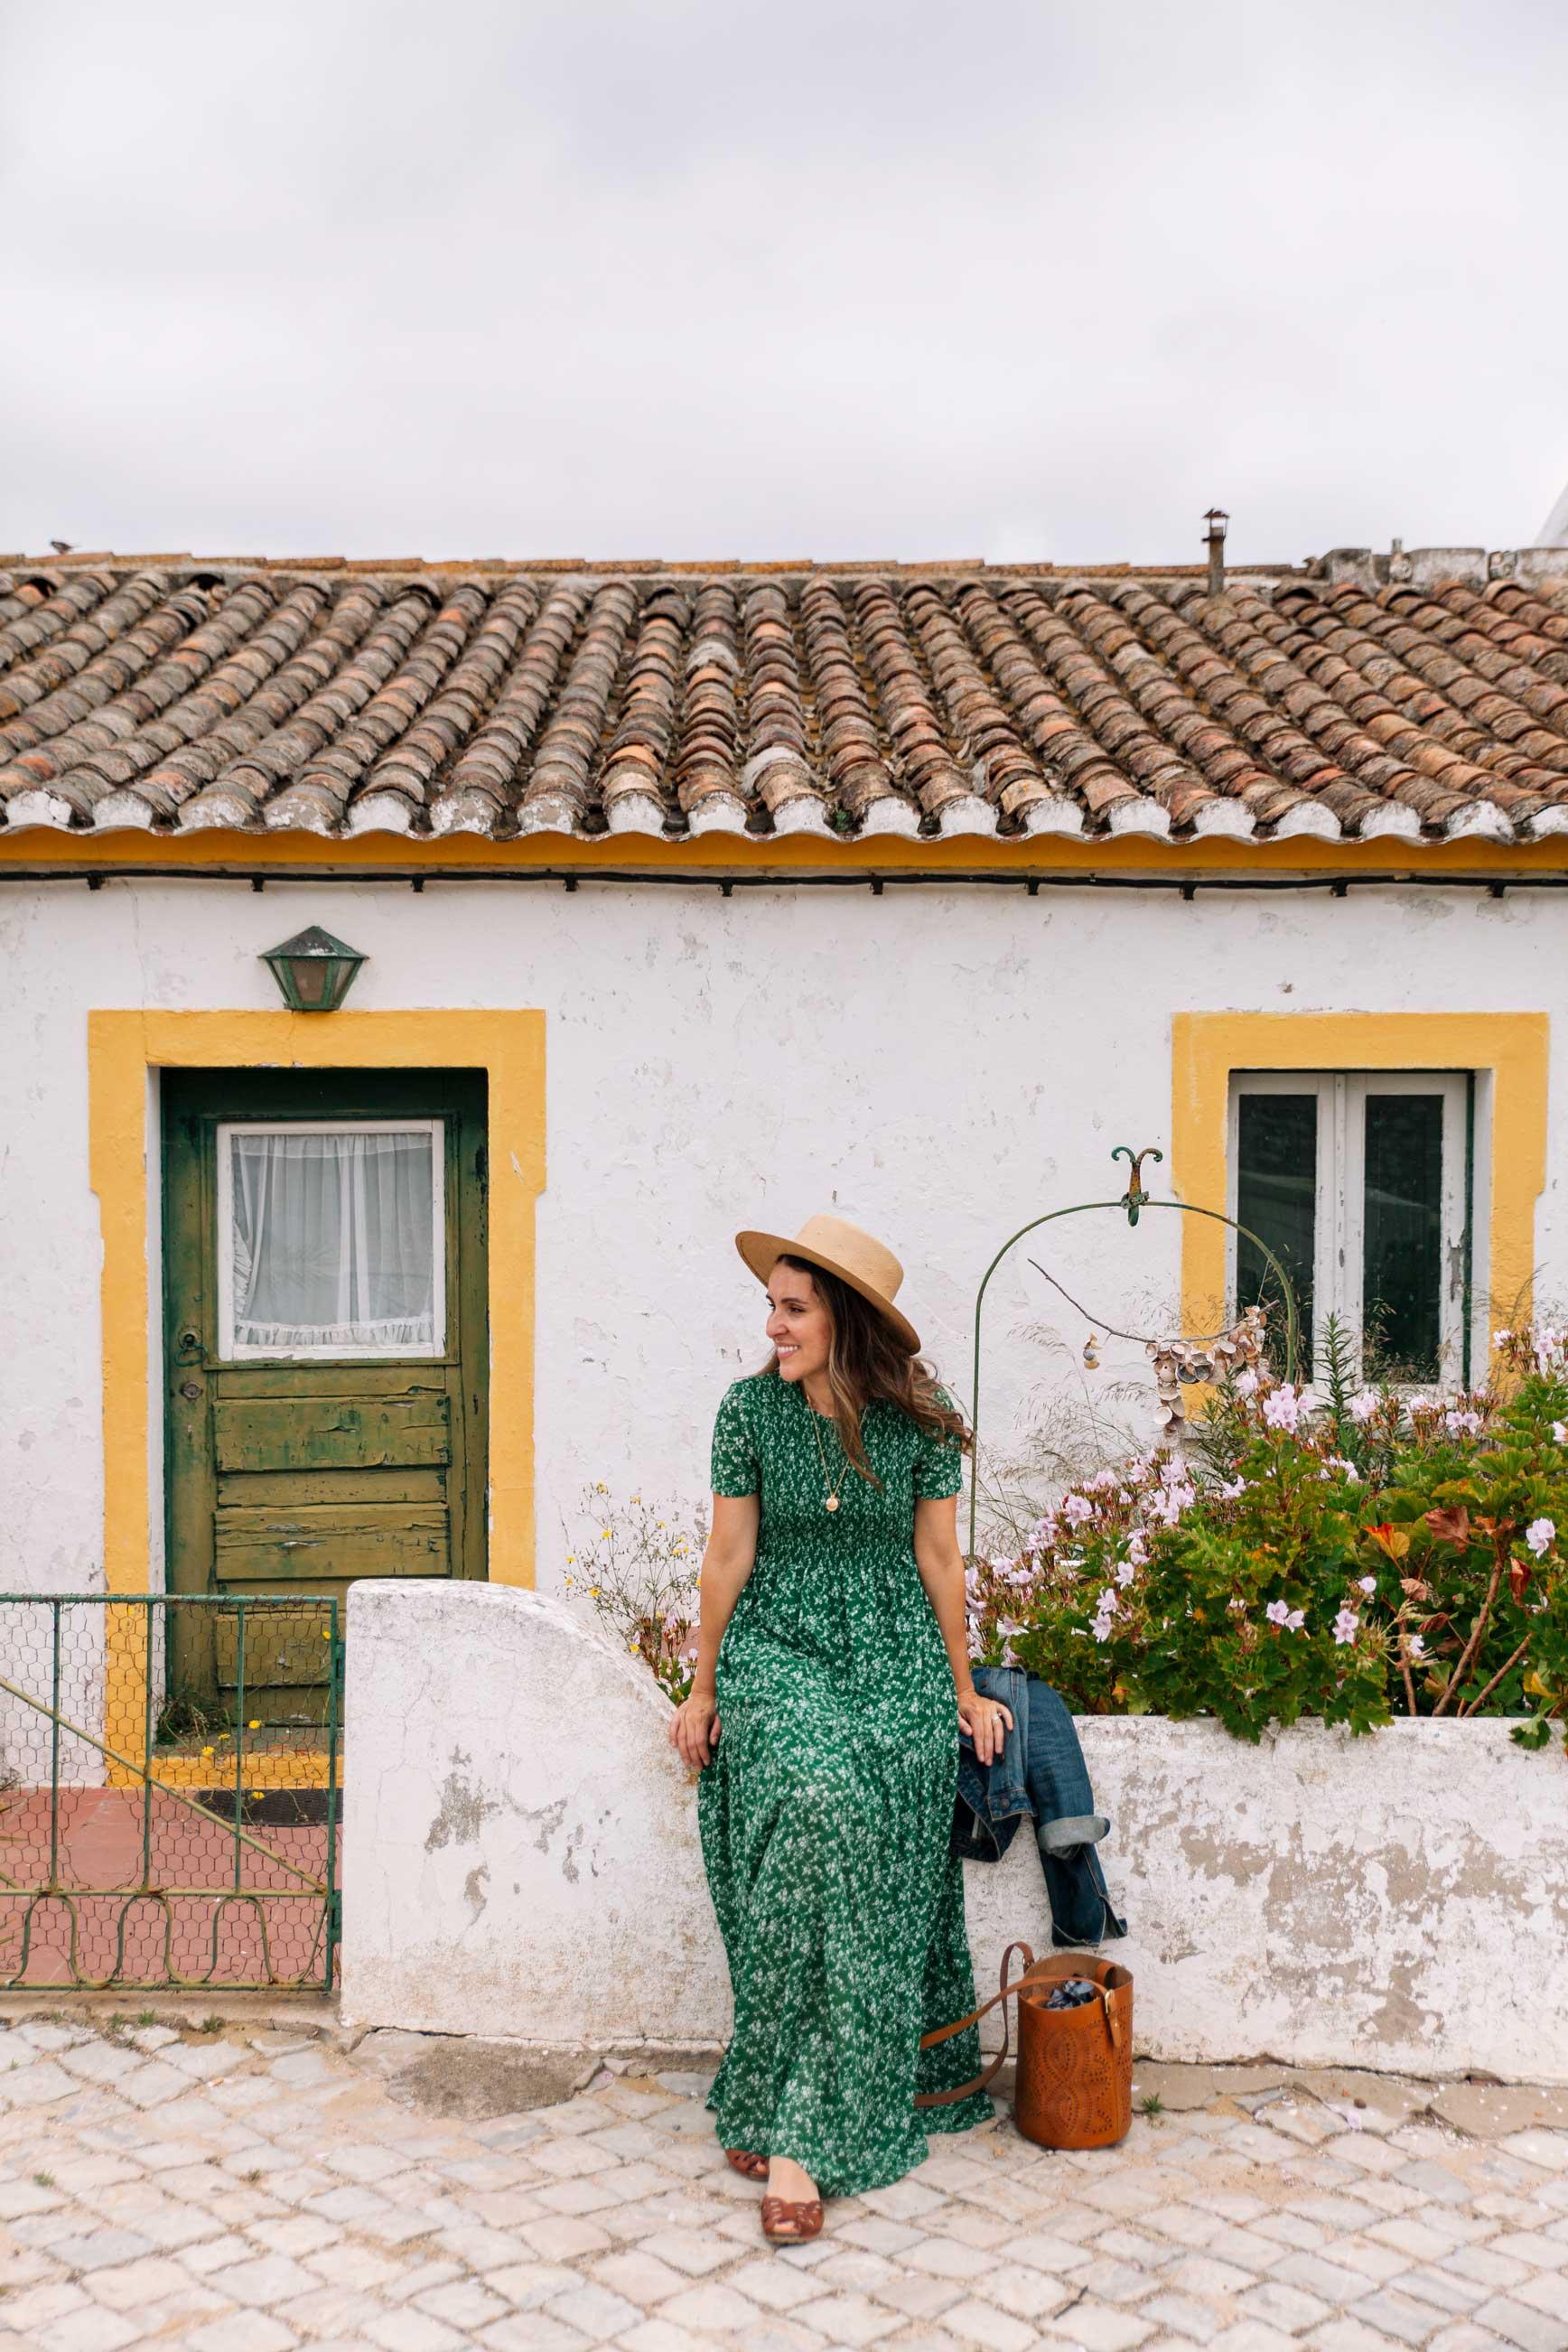 Pueblos con encanto en Portugal - Cacelha Velha